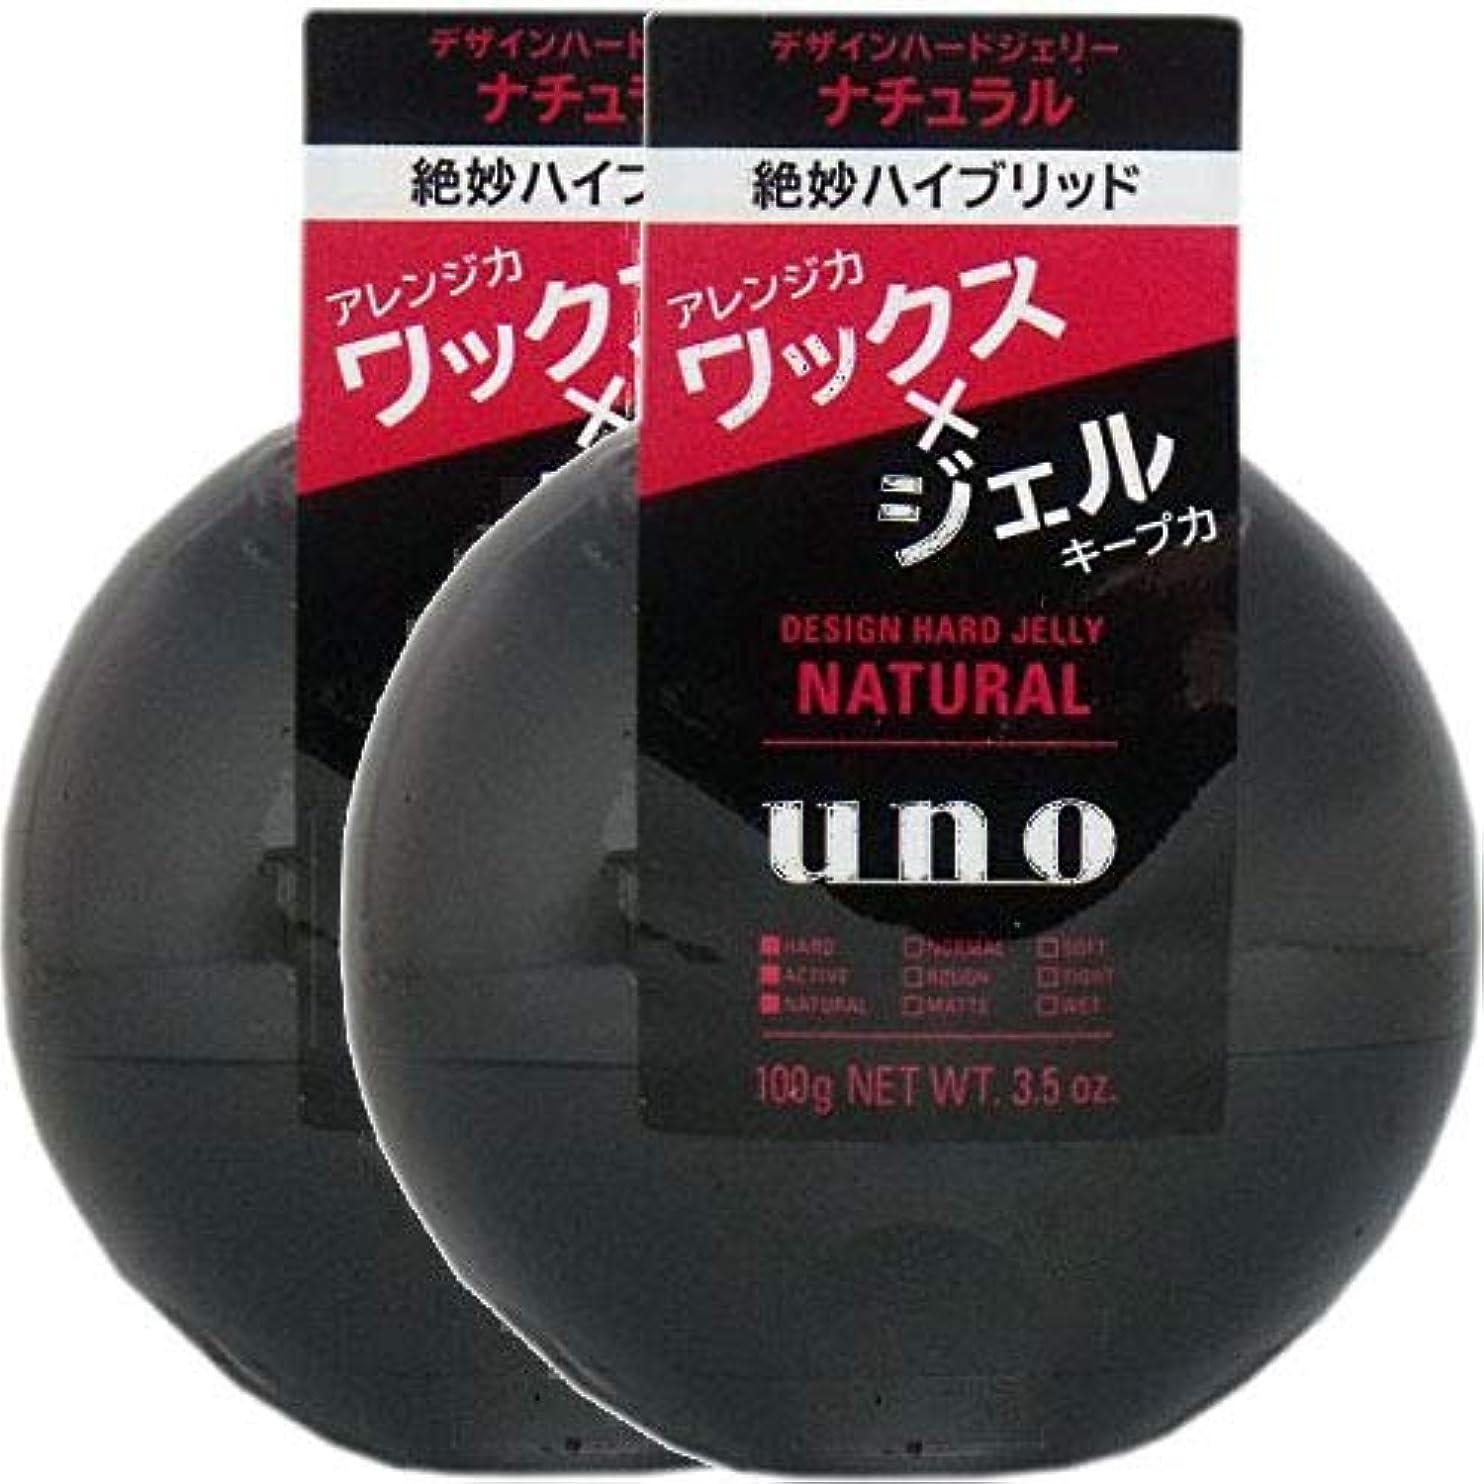 中毒無効枠ウーノ デザインハードジェリー (ナチュラル) ジェル 100g×2個